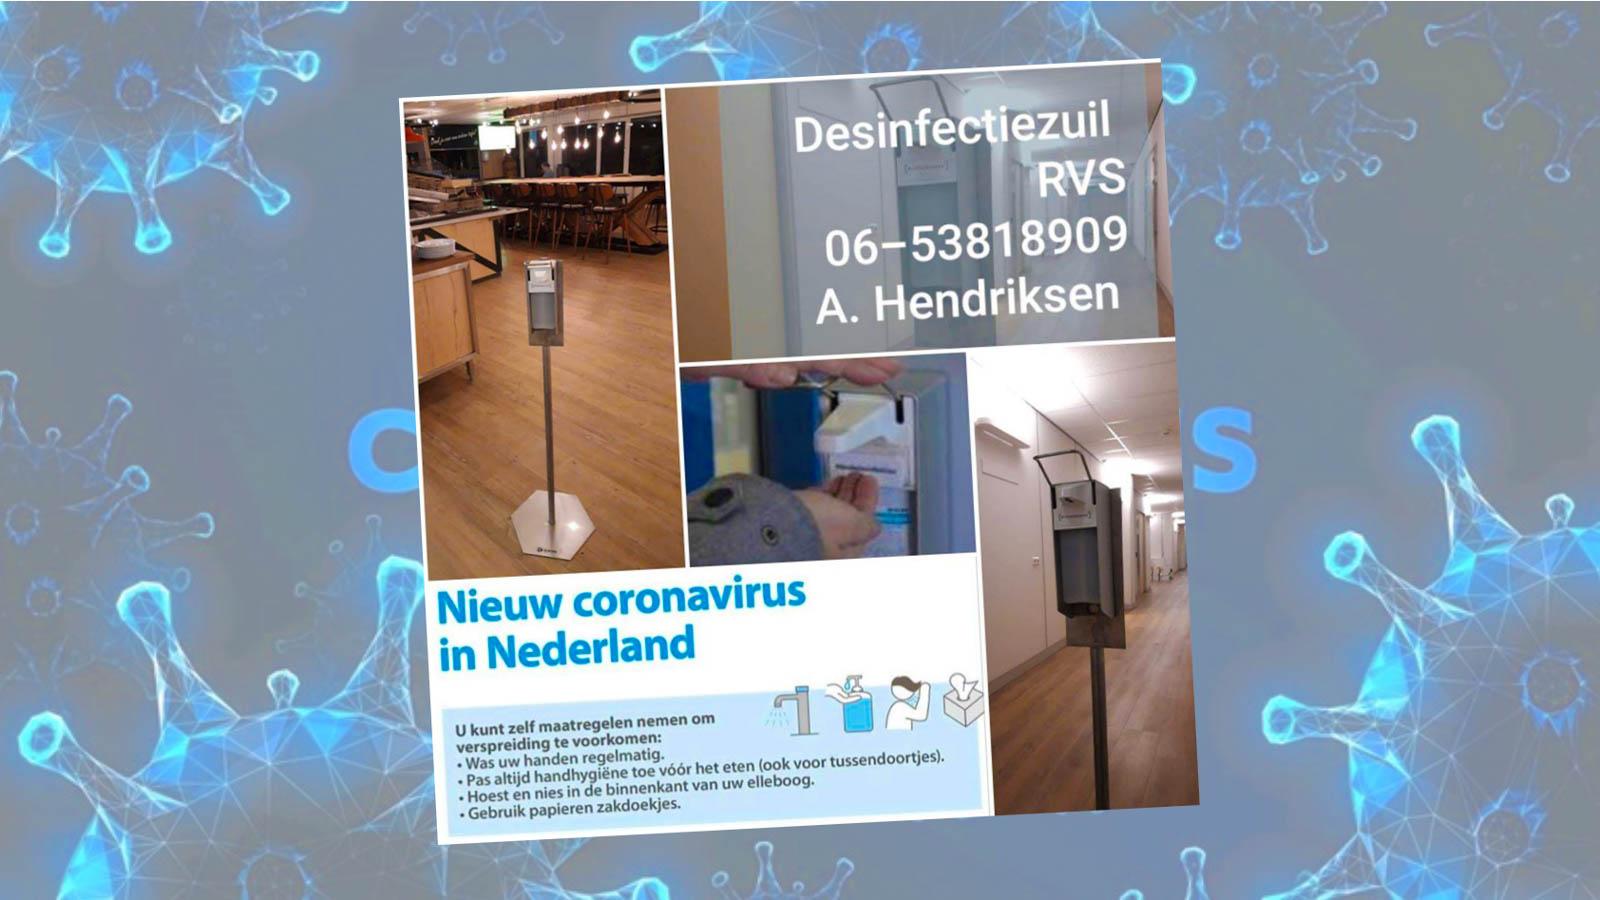 RVS Desinfectiezuil van Nijkerkerveense ondernemers in trek